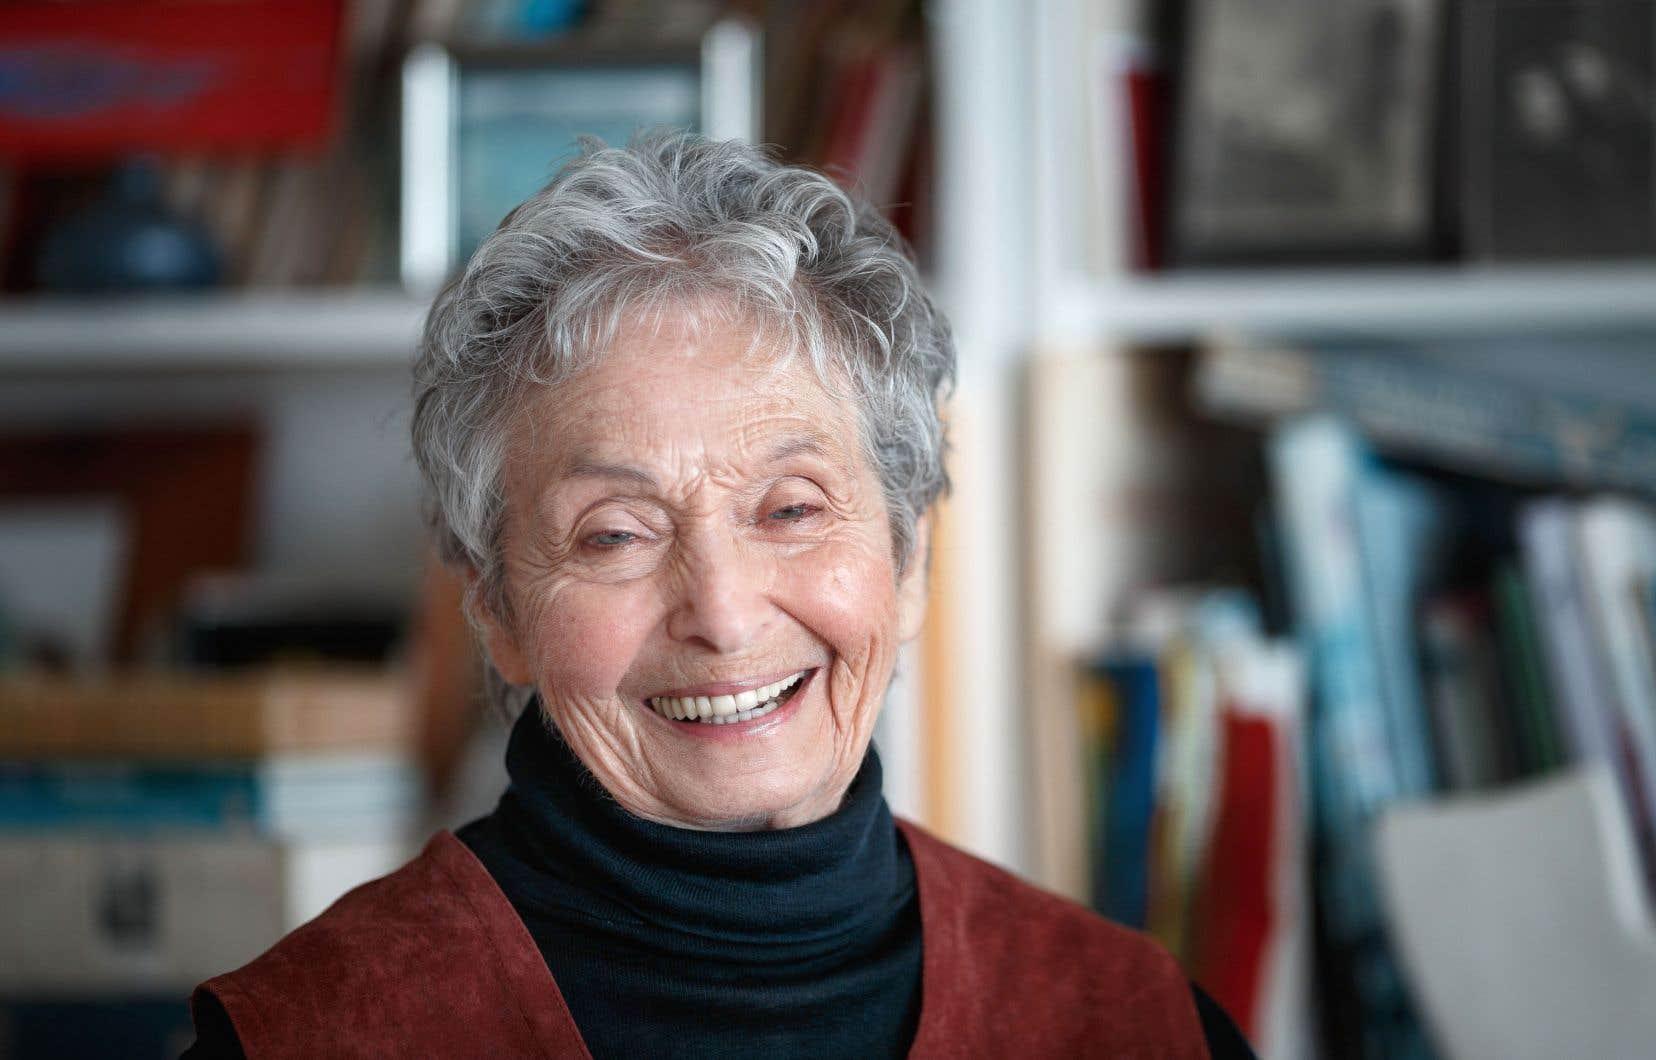 Kim Yaroshevskaya a enchanté, au sens féerique du terme, toute une génération avec ses histoires.